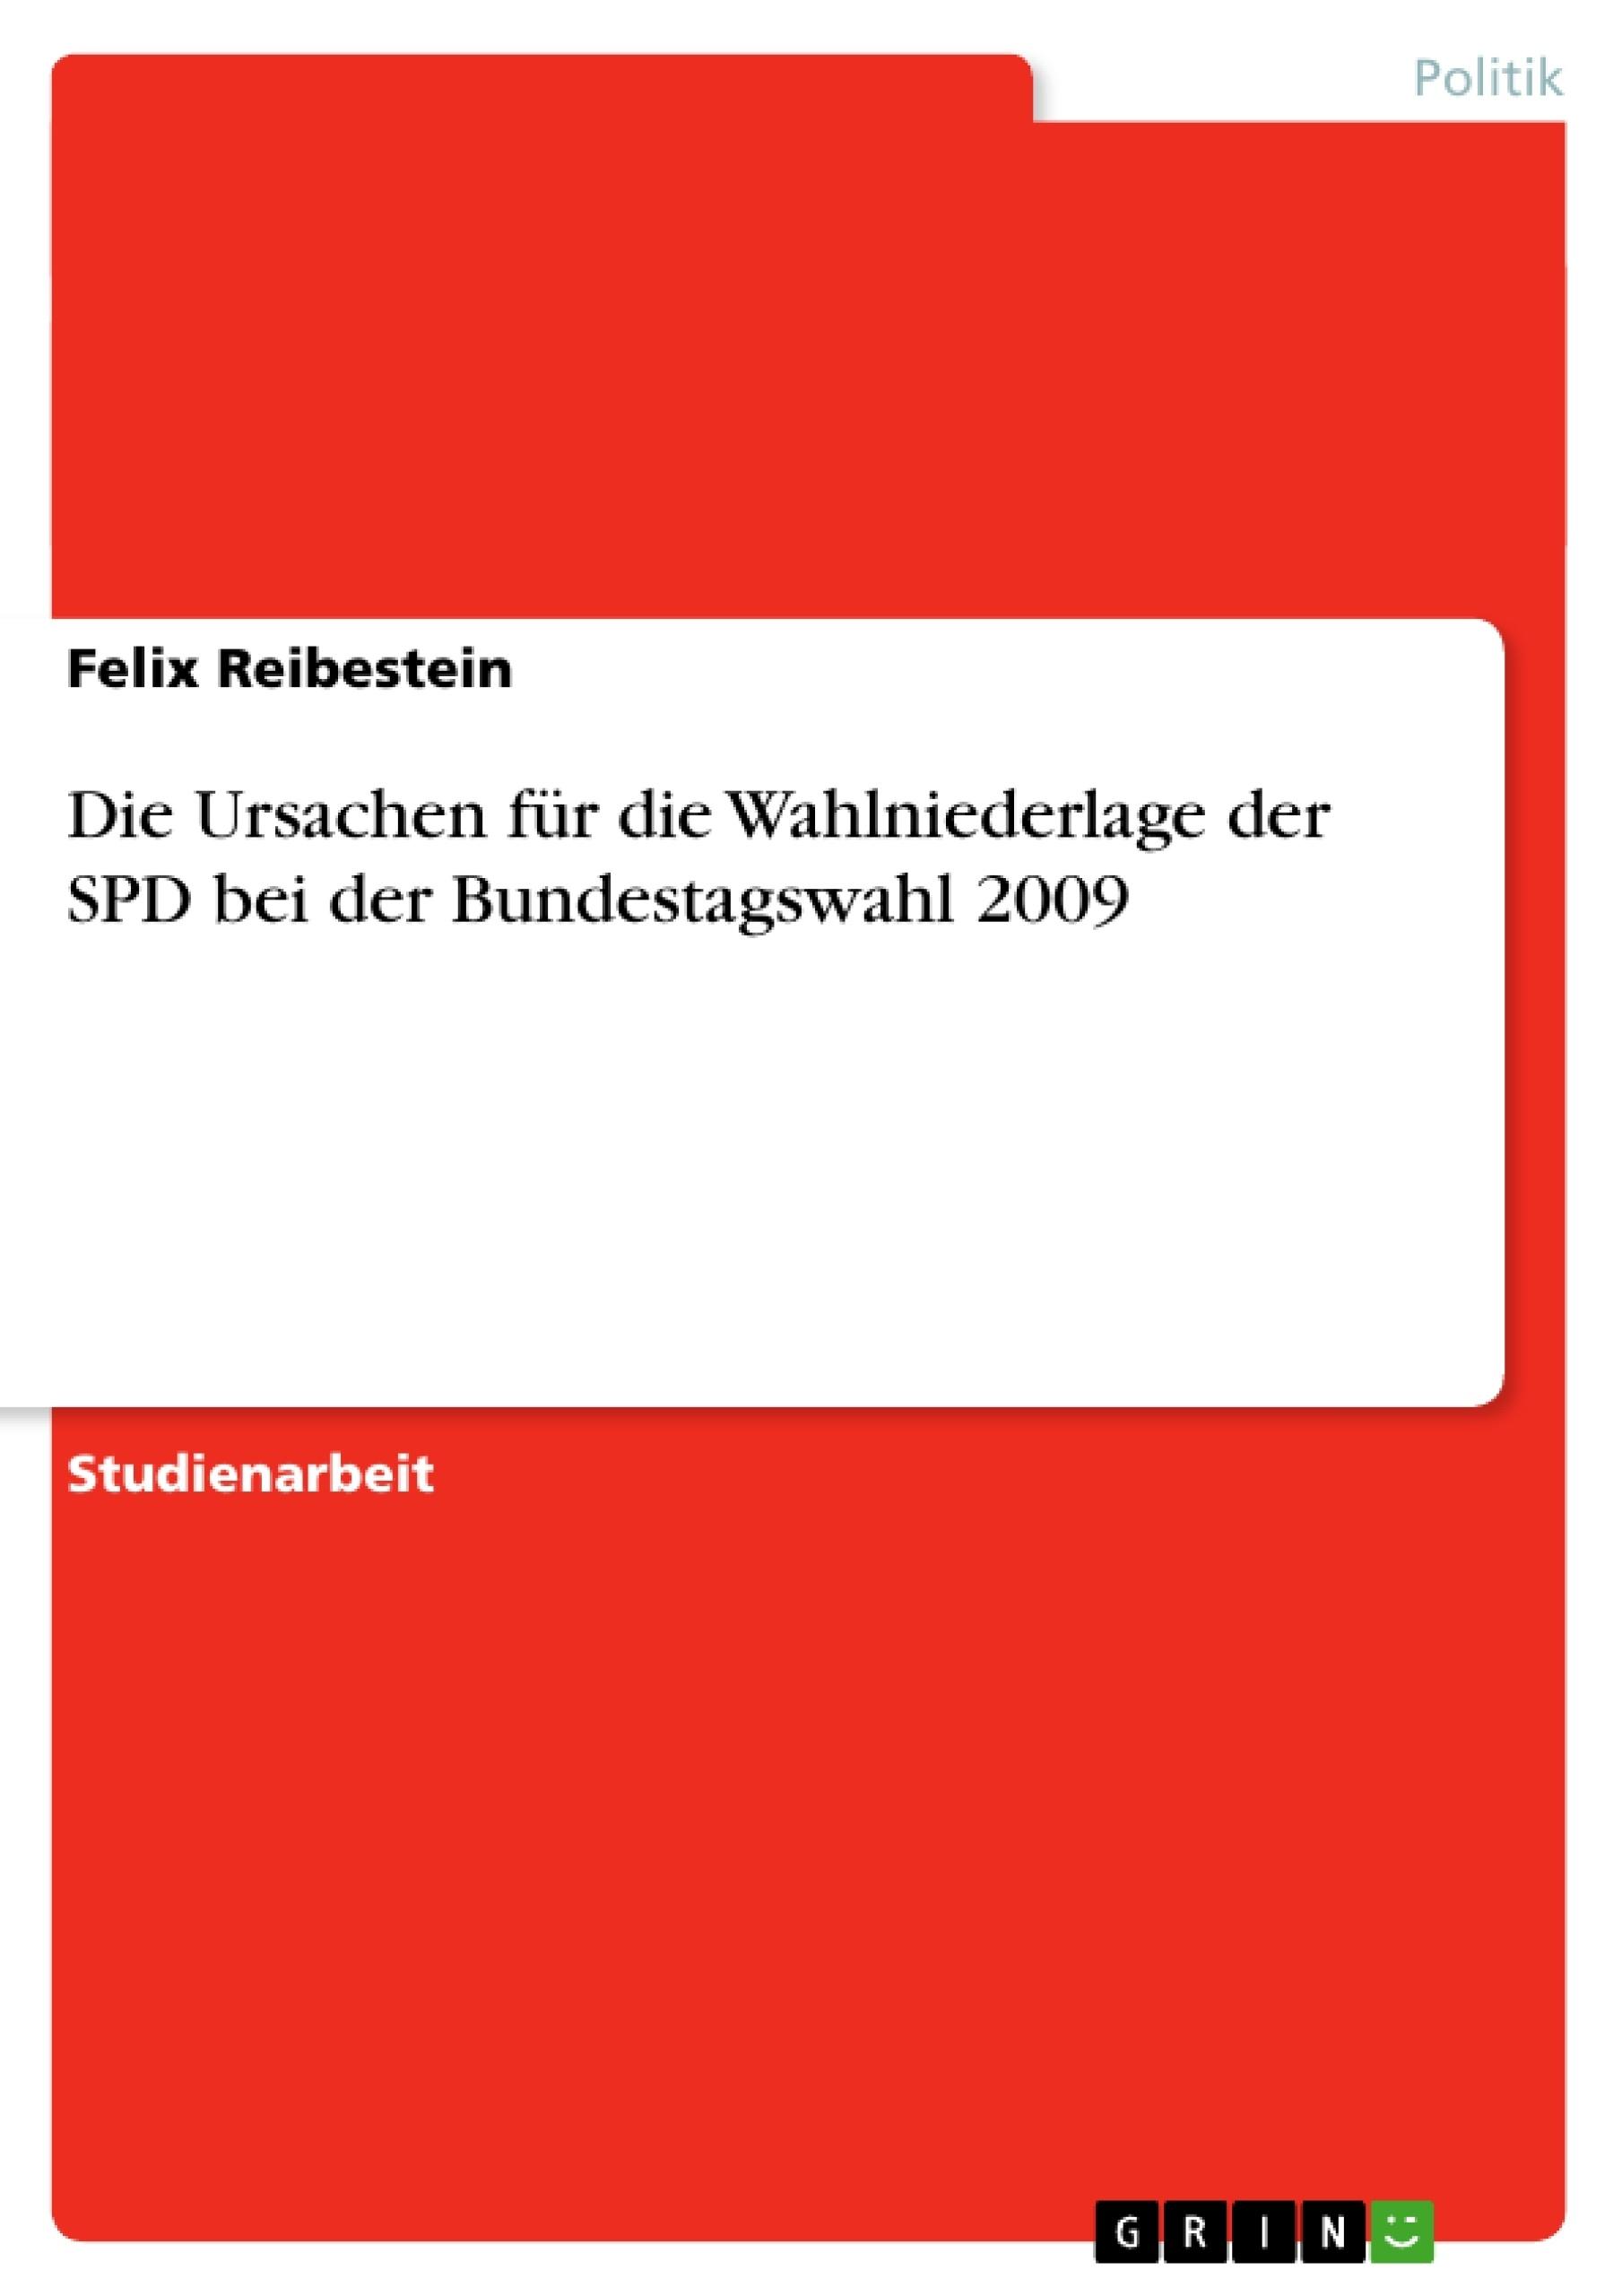 Titel: Die Ursachen für die Wahlniederlage der SPD bei der Bundestagswahl 2009